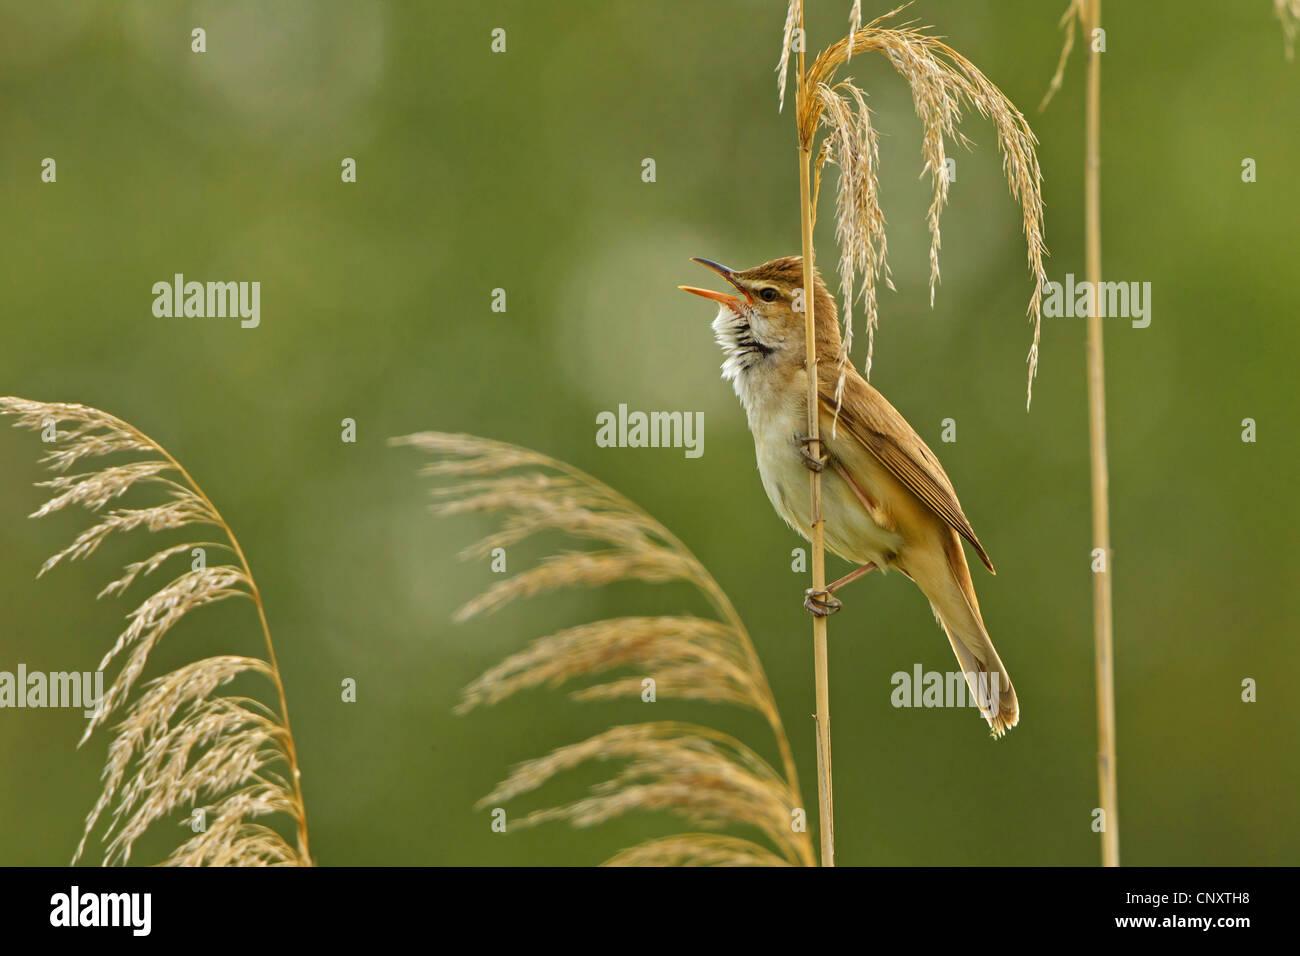 great reed warbler (Acrocephalus arundinaceus), sitting at reed singing, Turkey, Sanliurfa, Birecik Gravel Pits, Stock Photo